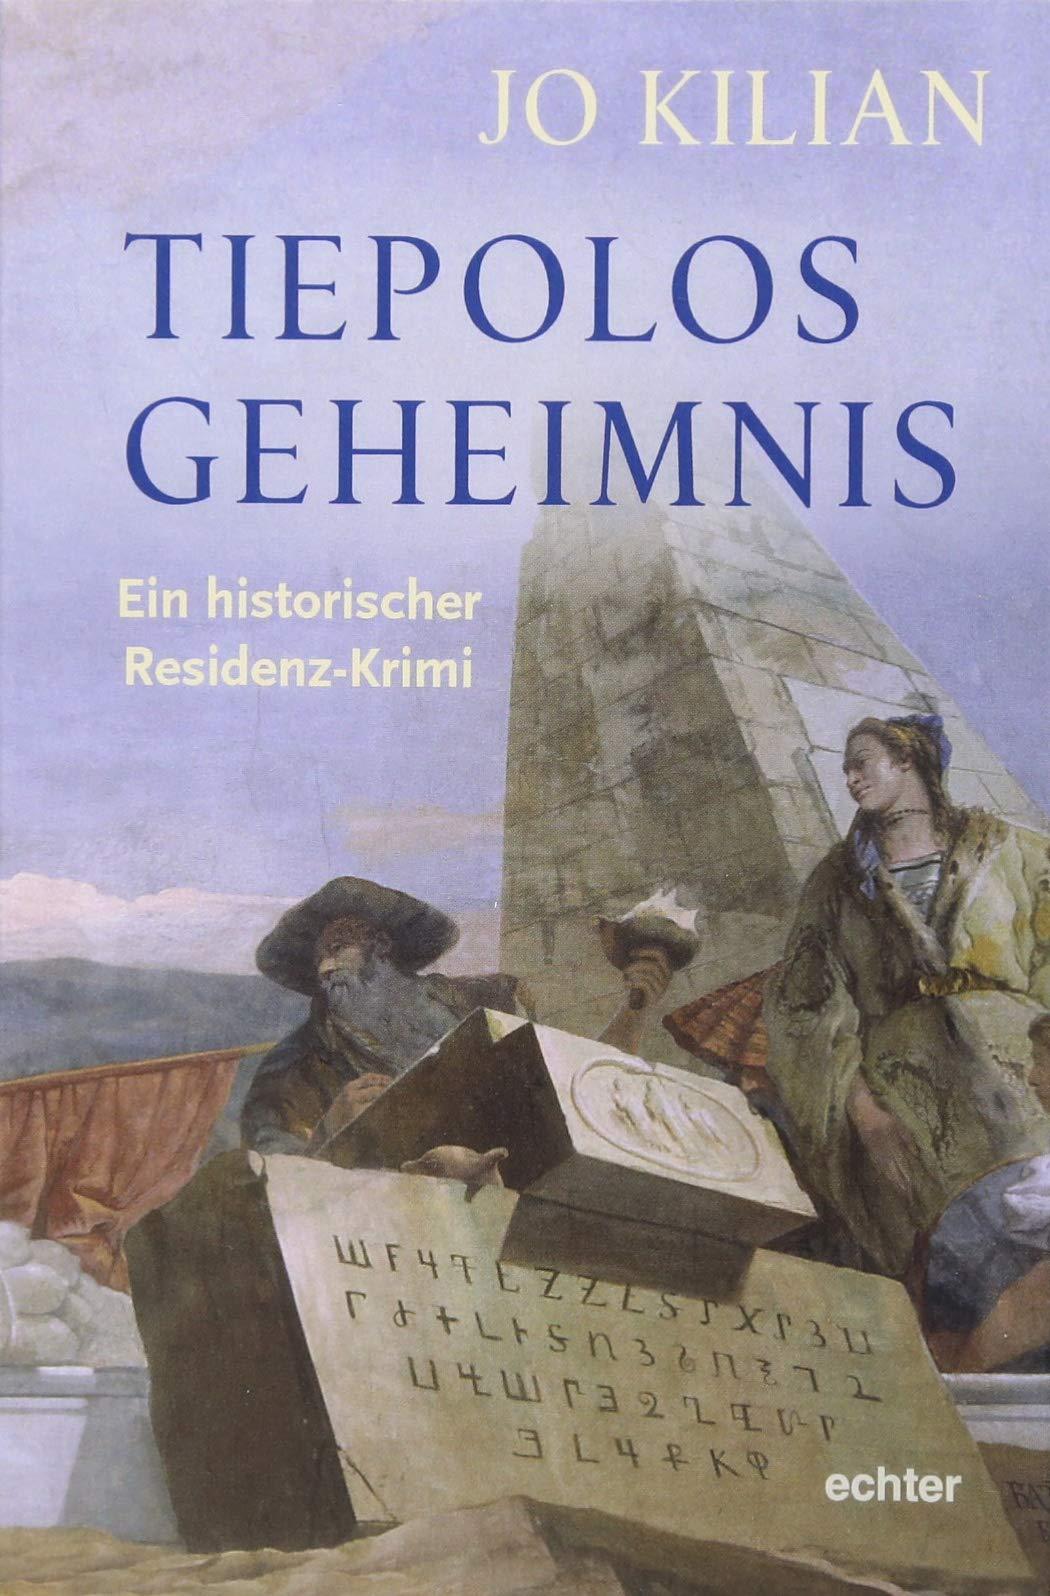 Tiepolos Geheimnis: Ein historischer Residenz-Krimi